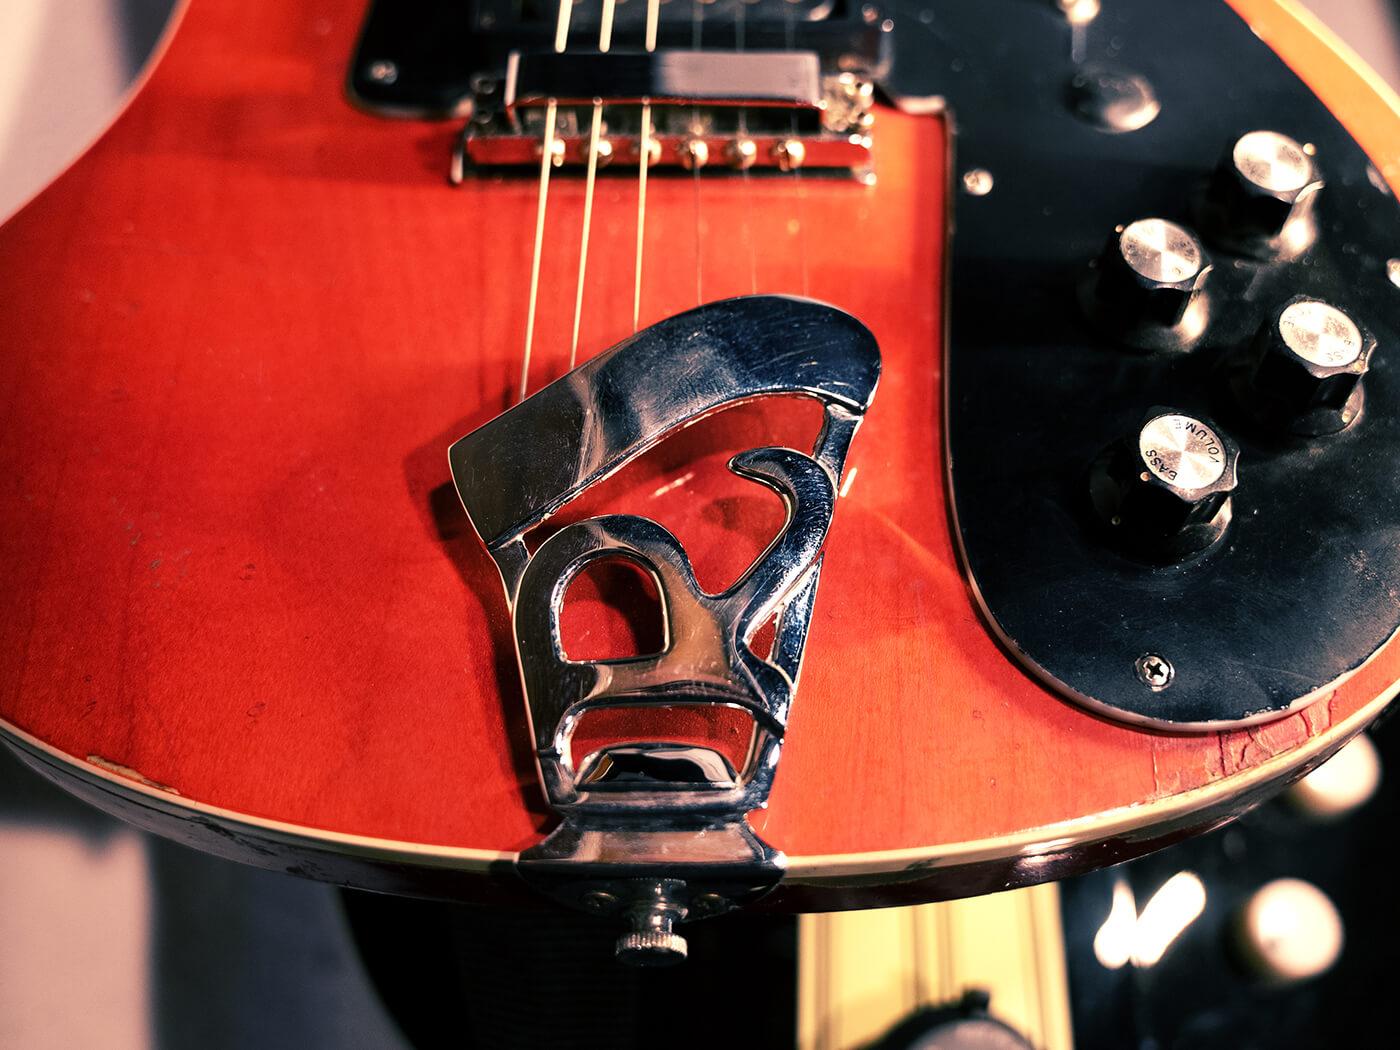 Chris Corner's Guitar